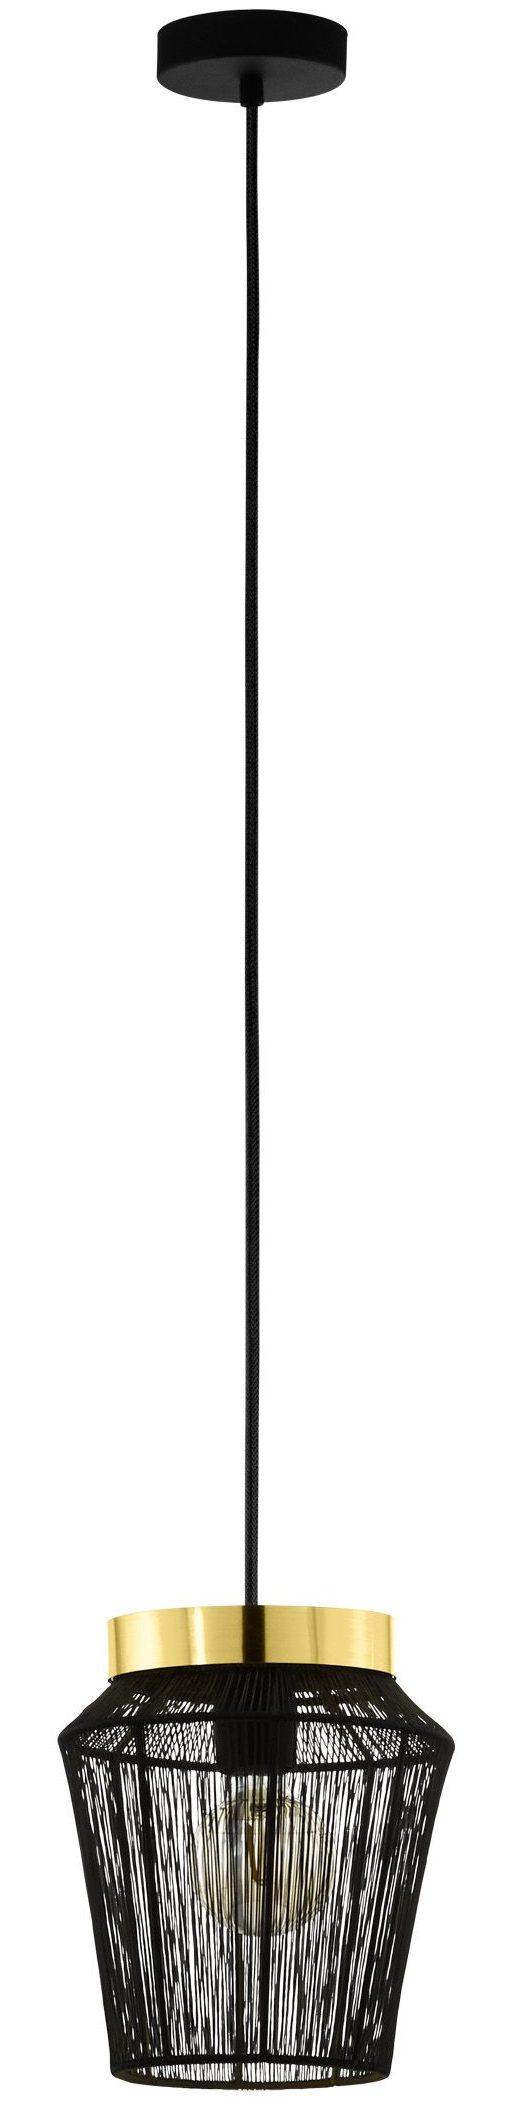 Escandidos hanglamp - zwart - geelkoper Eglo Hanglamp 99806-EGLO